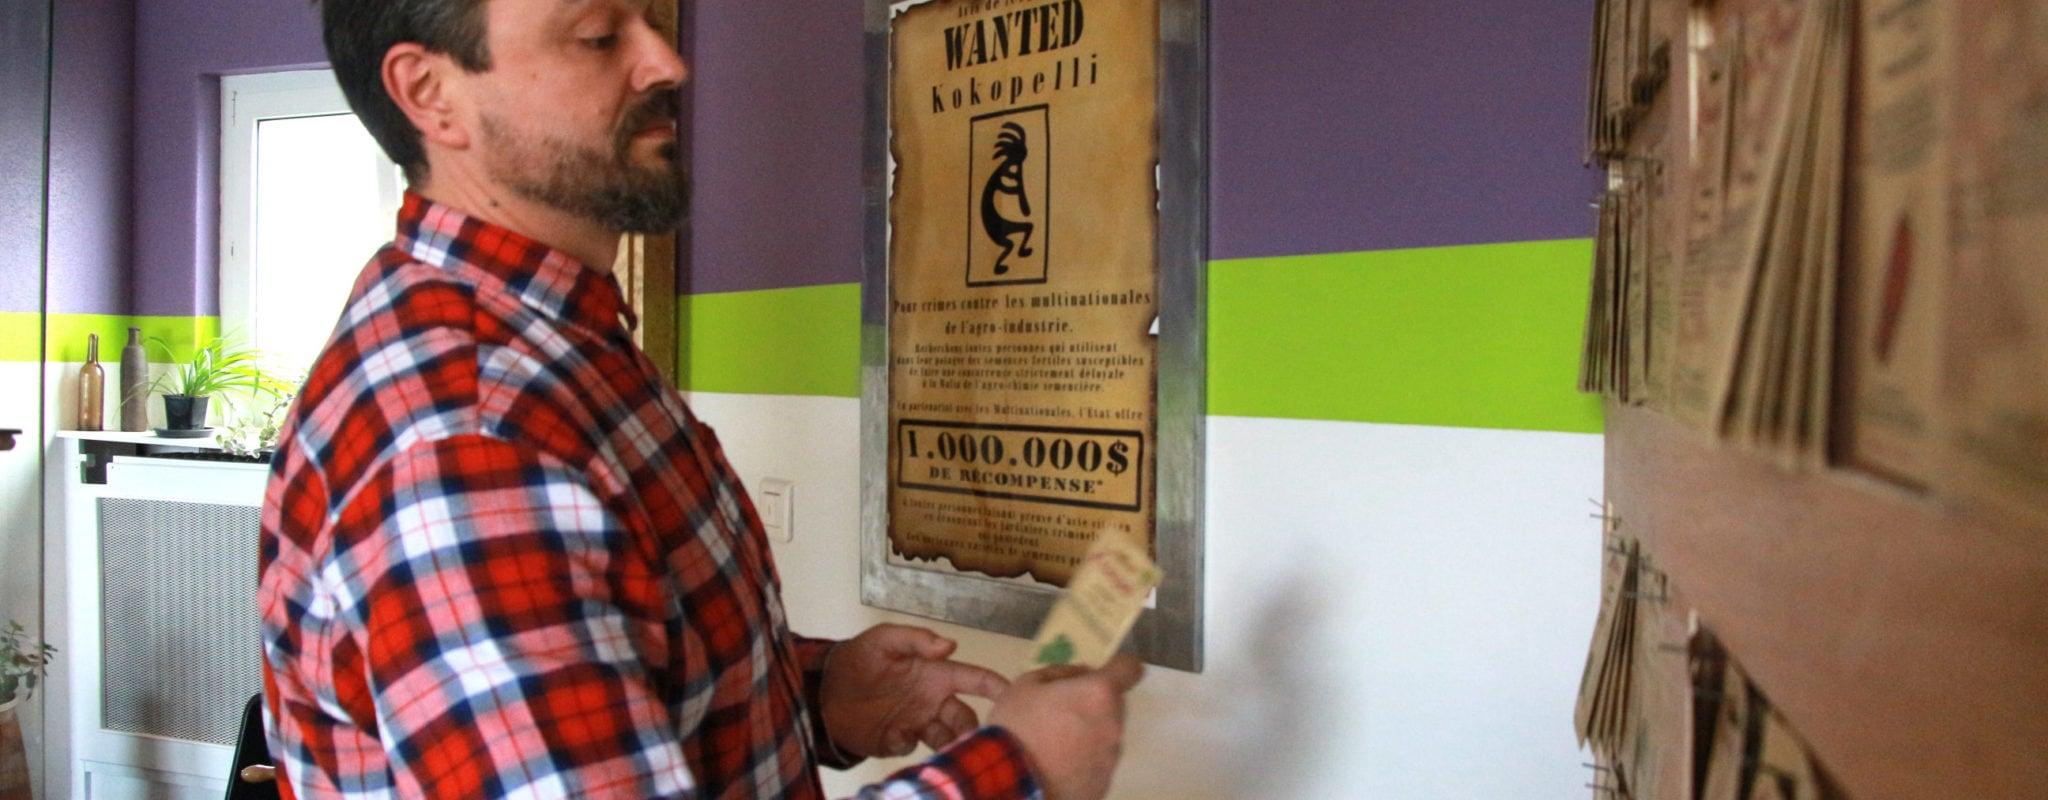 Sébastien, vendeur de semences «pirates»: quand l'Europe pousse et la France freine